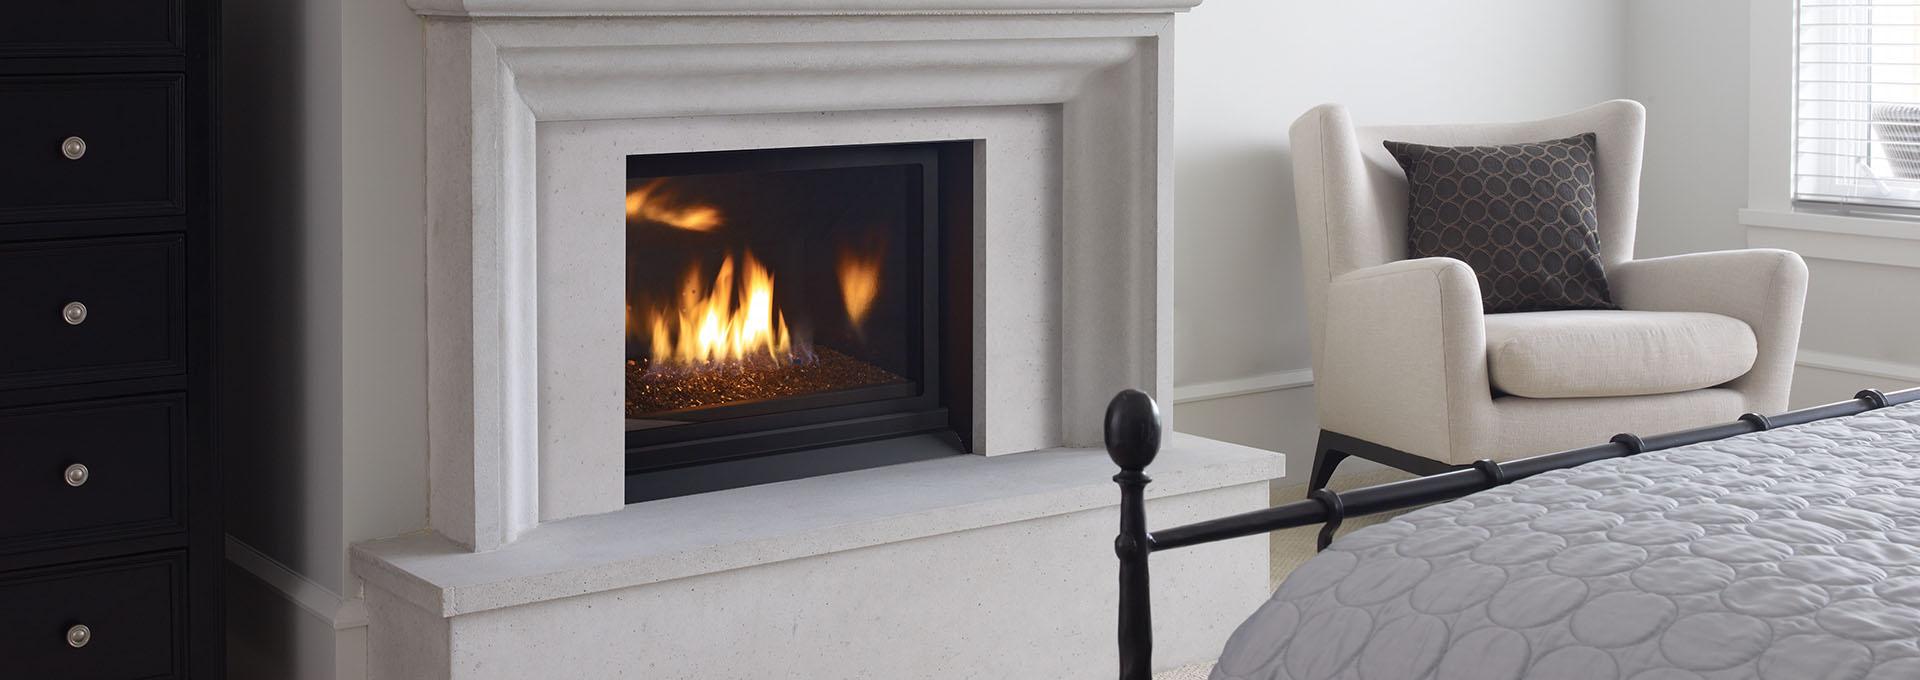 Regency Horizon Hz30e Contemporary Gas Fireplace Toronto